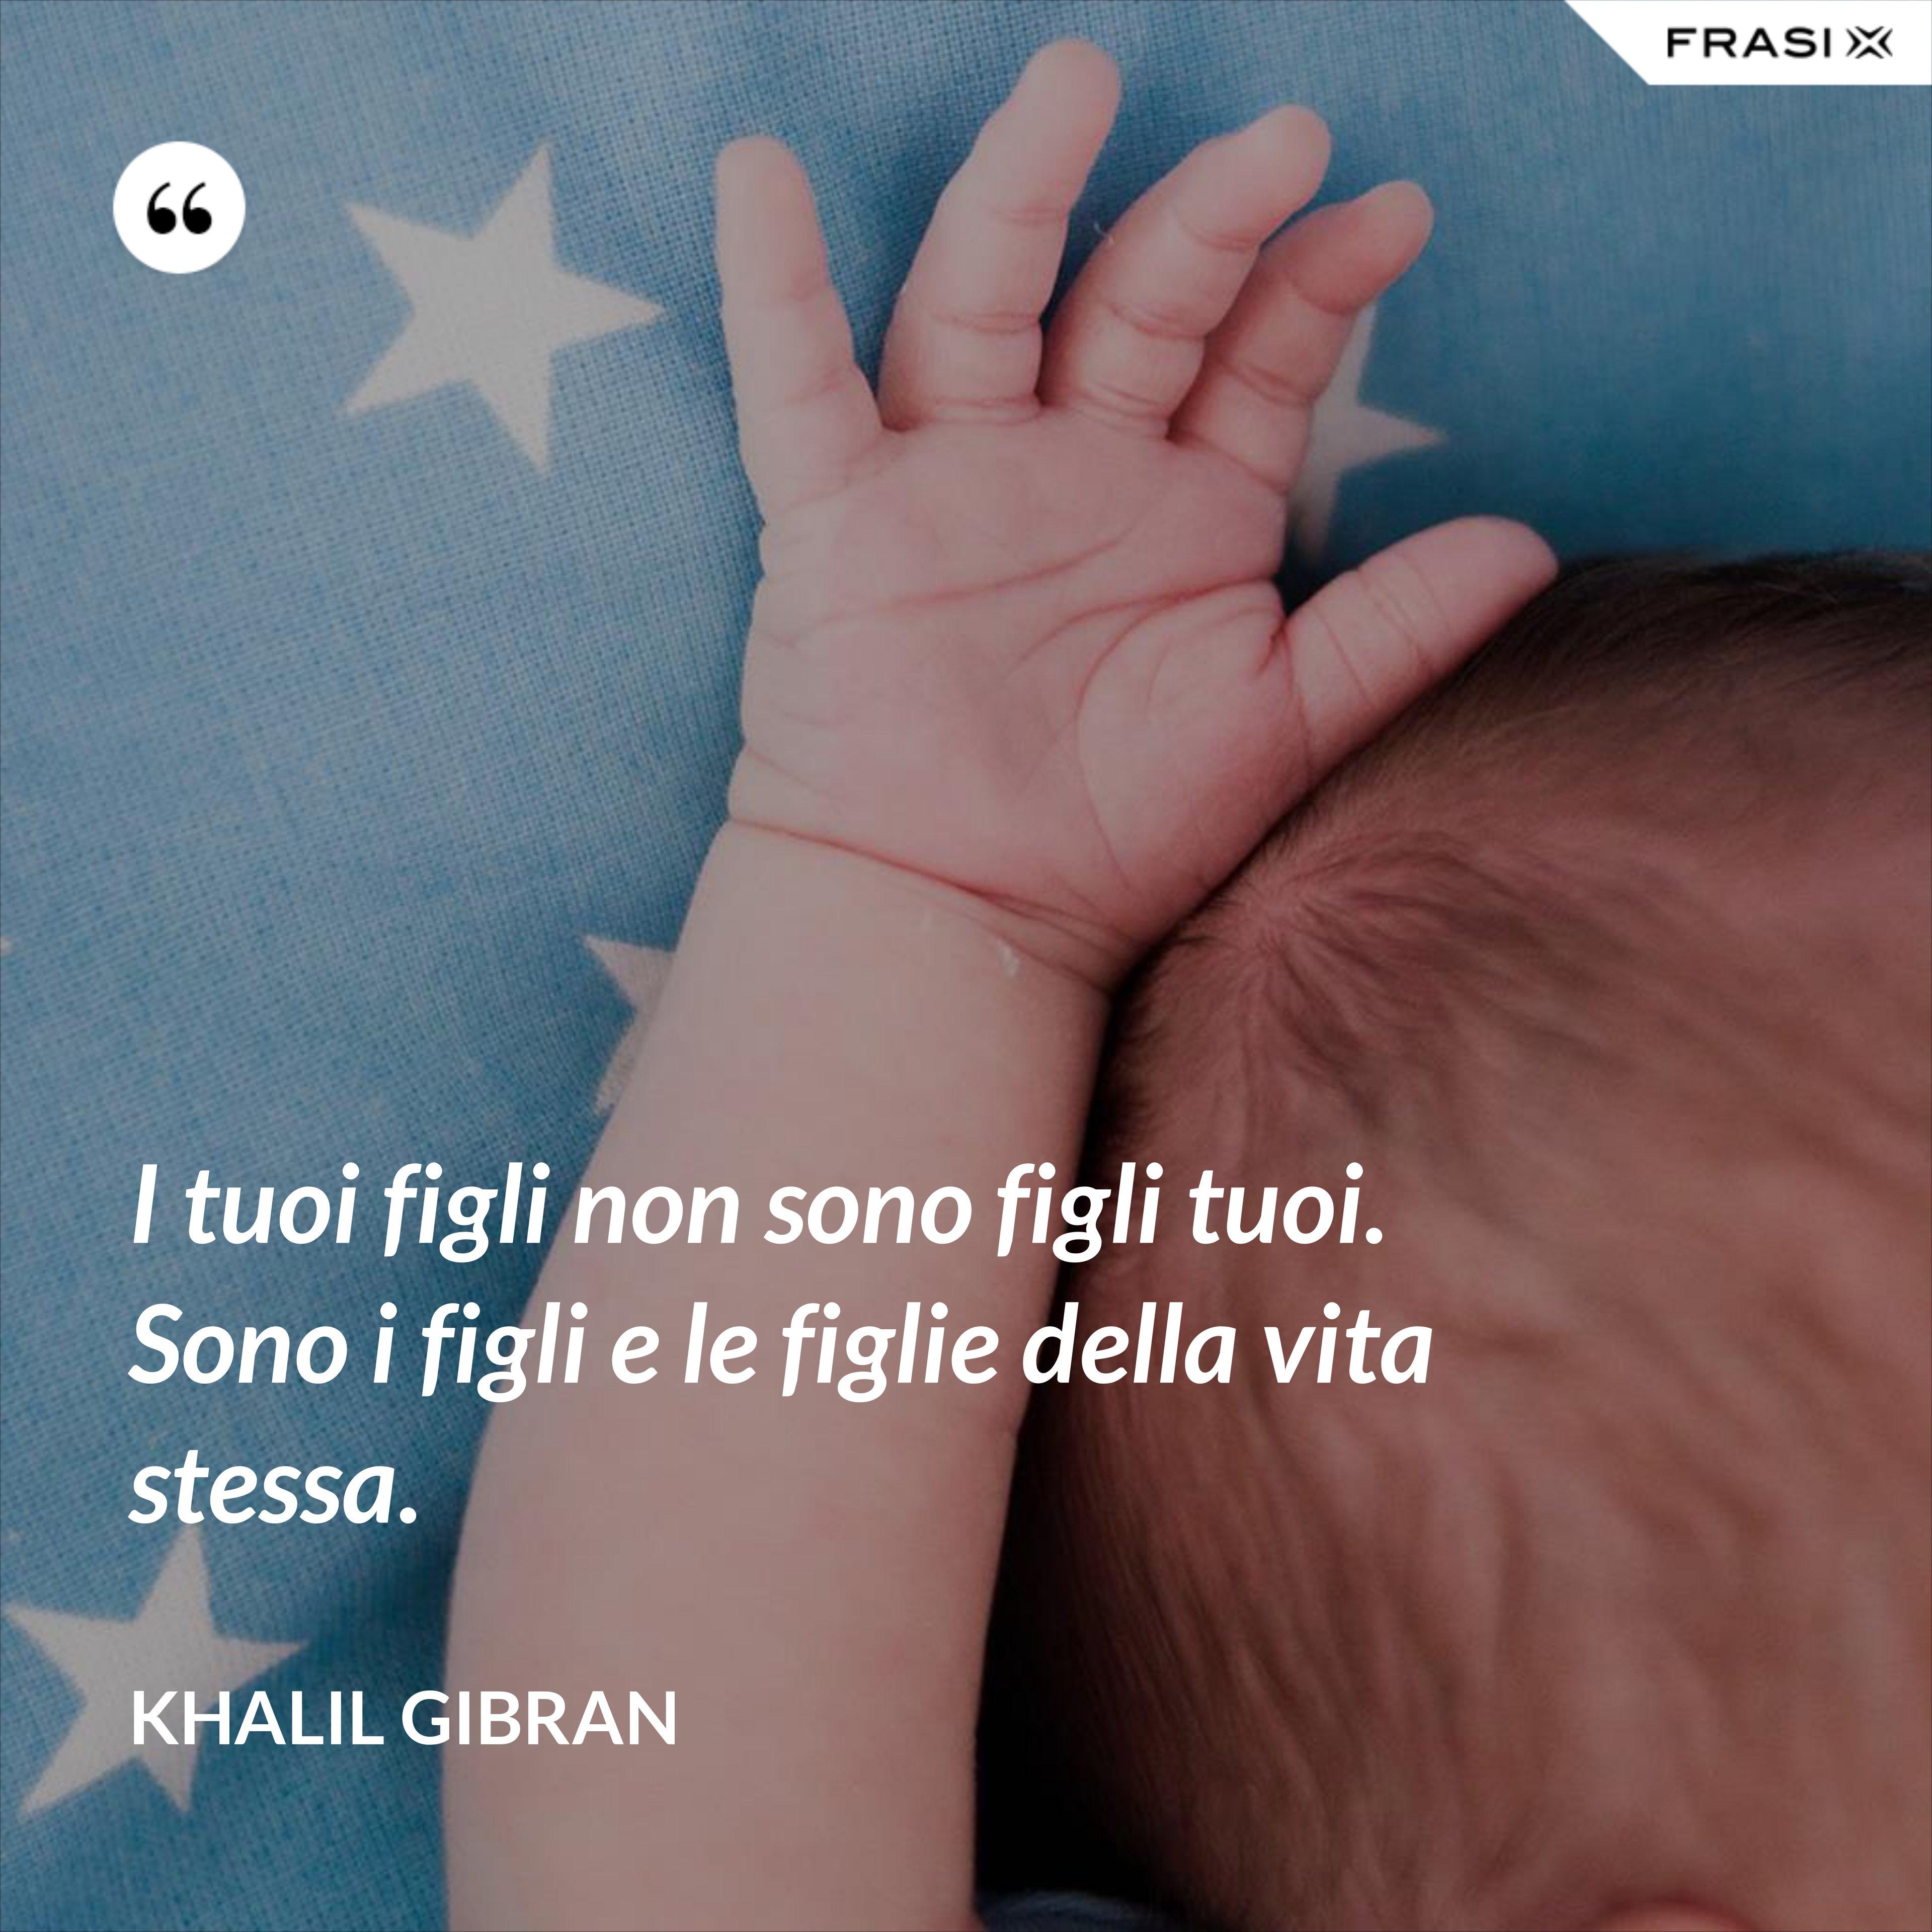 I tuoi figli non sono figli tuoi. Sono i figli e le figlie della vita stessa. - Khalil Gibran